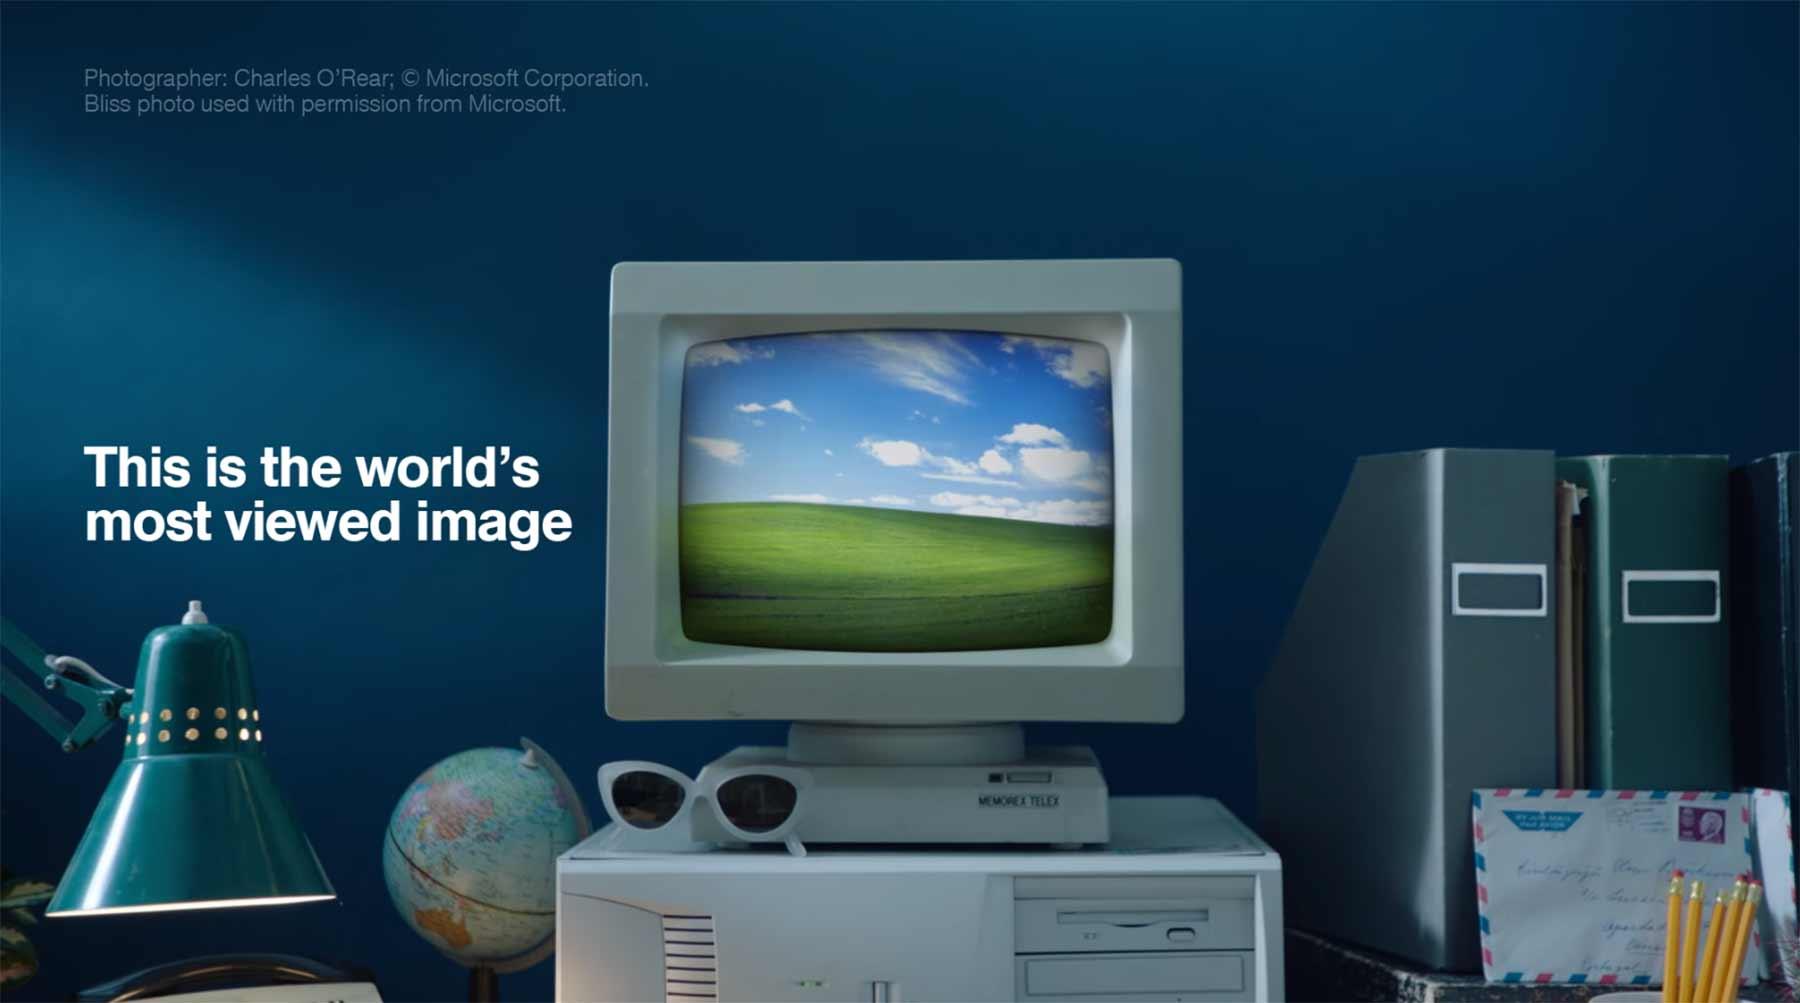 Der Fotograf des ikonischen Windows XP-Hintergrundbildes